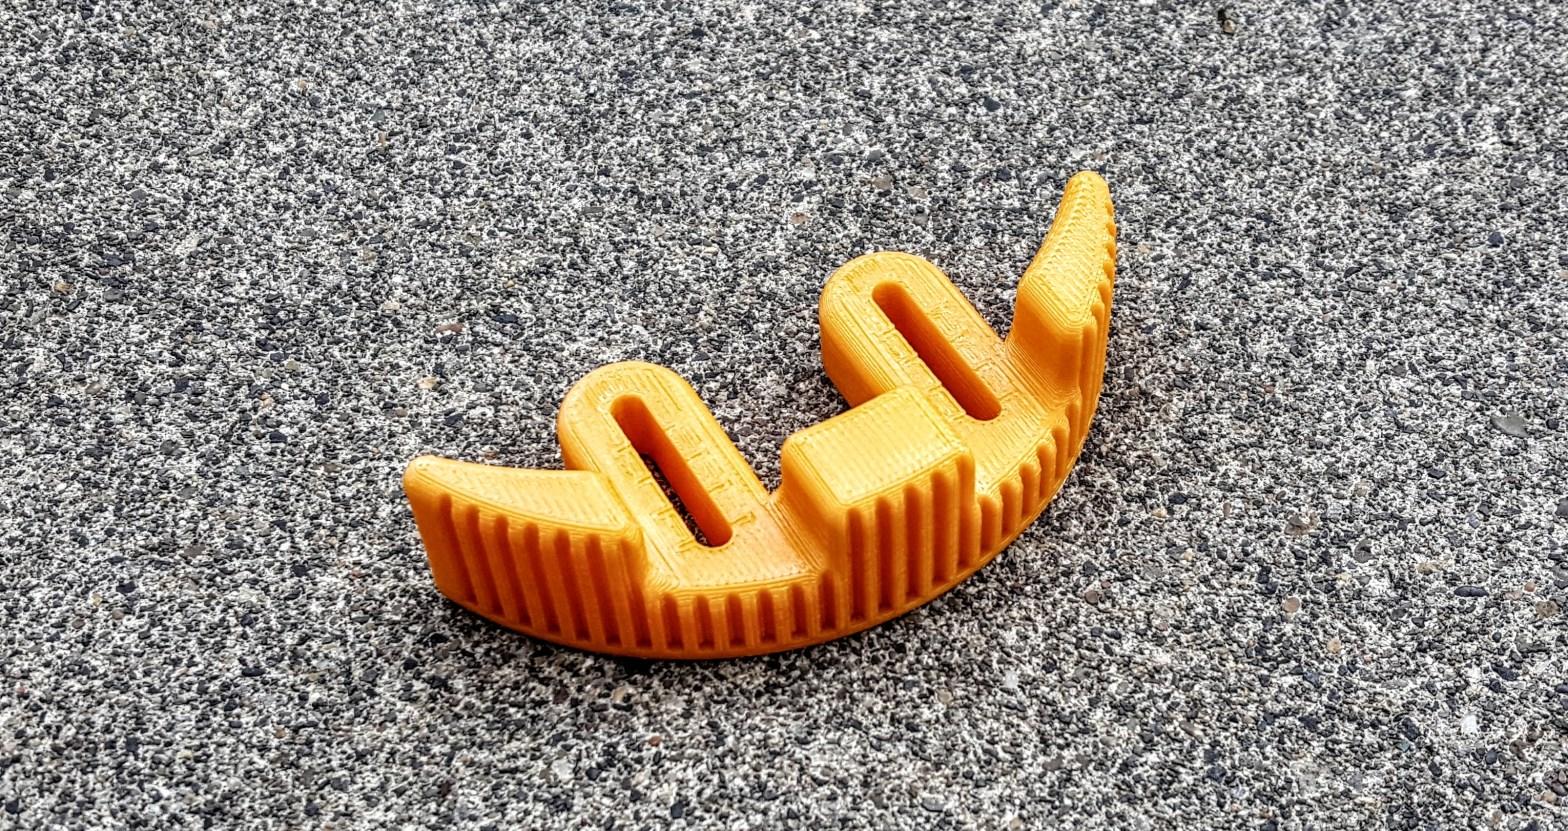 3D printed longboard footstop